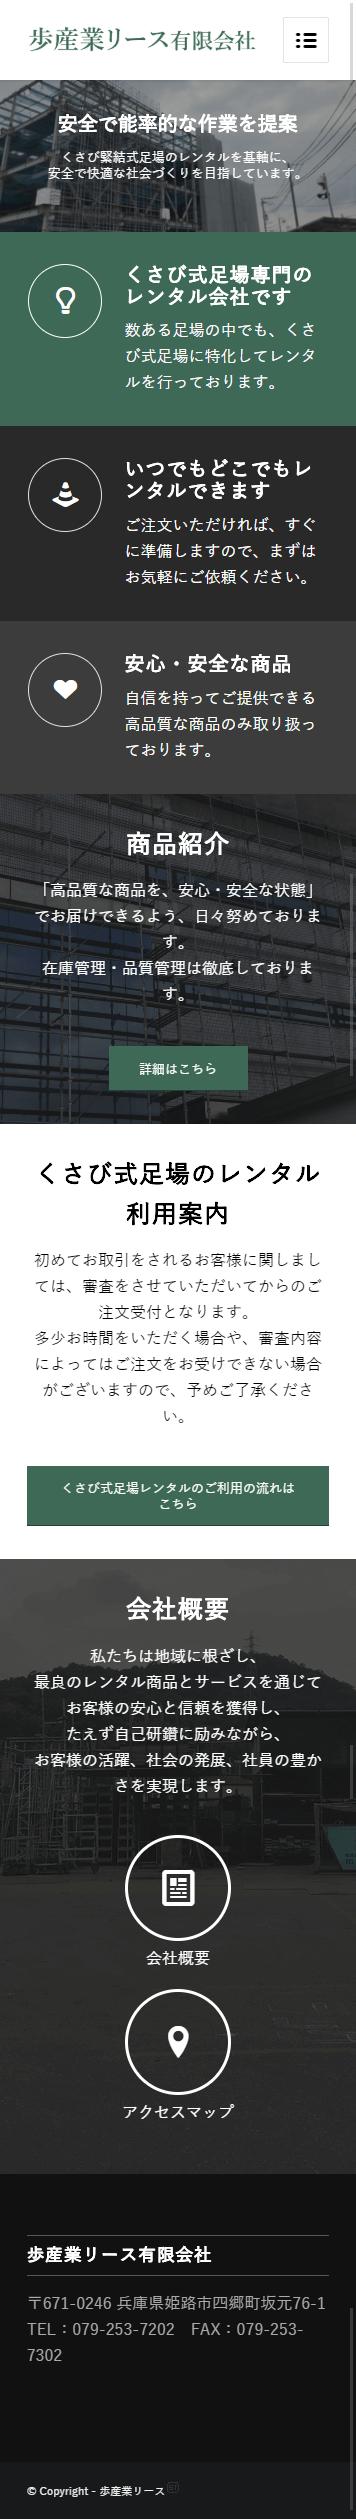 姫路市 歩産業リース有限会社様 ホームページ制作3